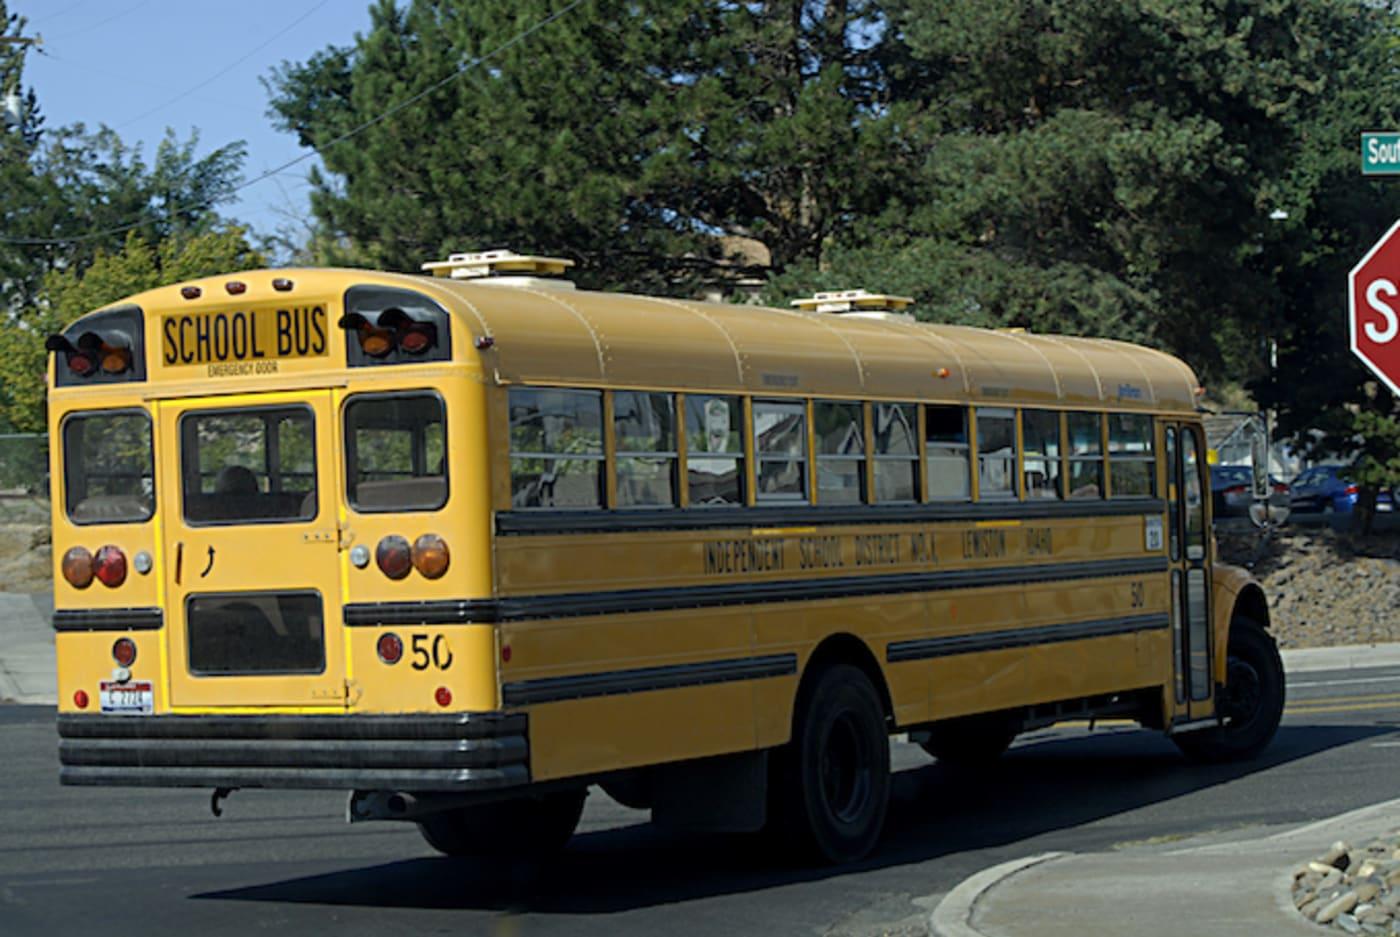 School bus in Idaho